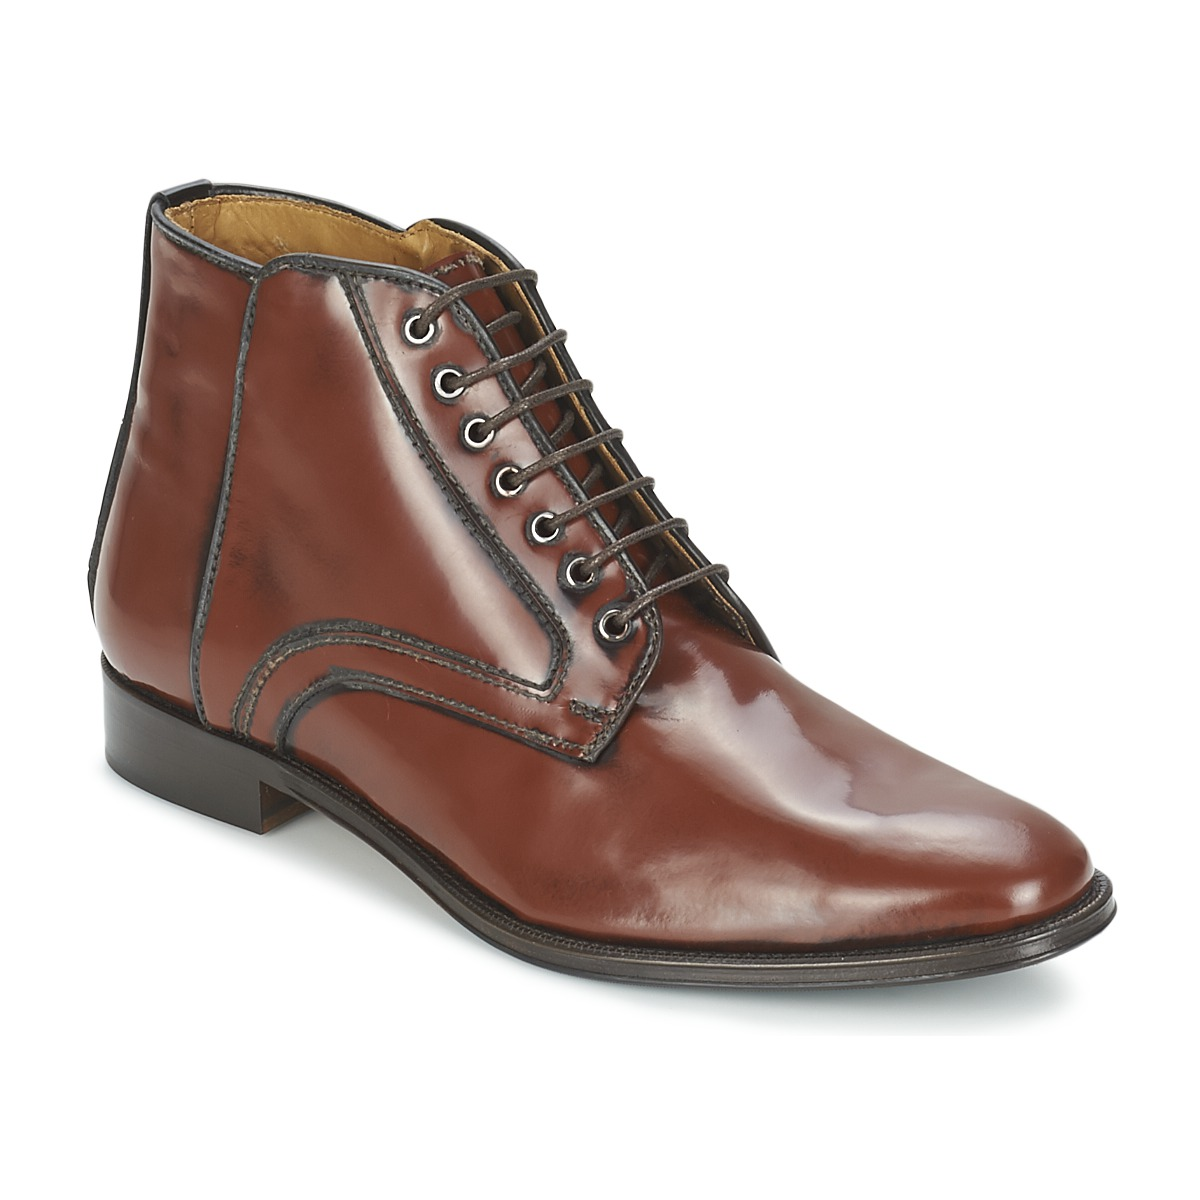 Fericelli TAMALORA Marrón   Claro -  Nueva Nueva Nueva promoción - Zapatos Botas de caña baja Mujer afbff9